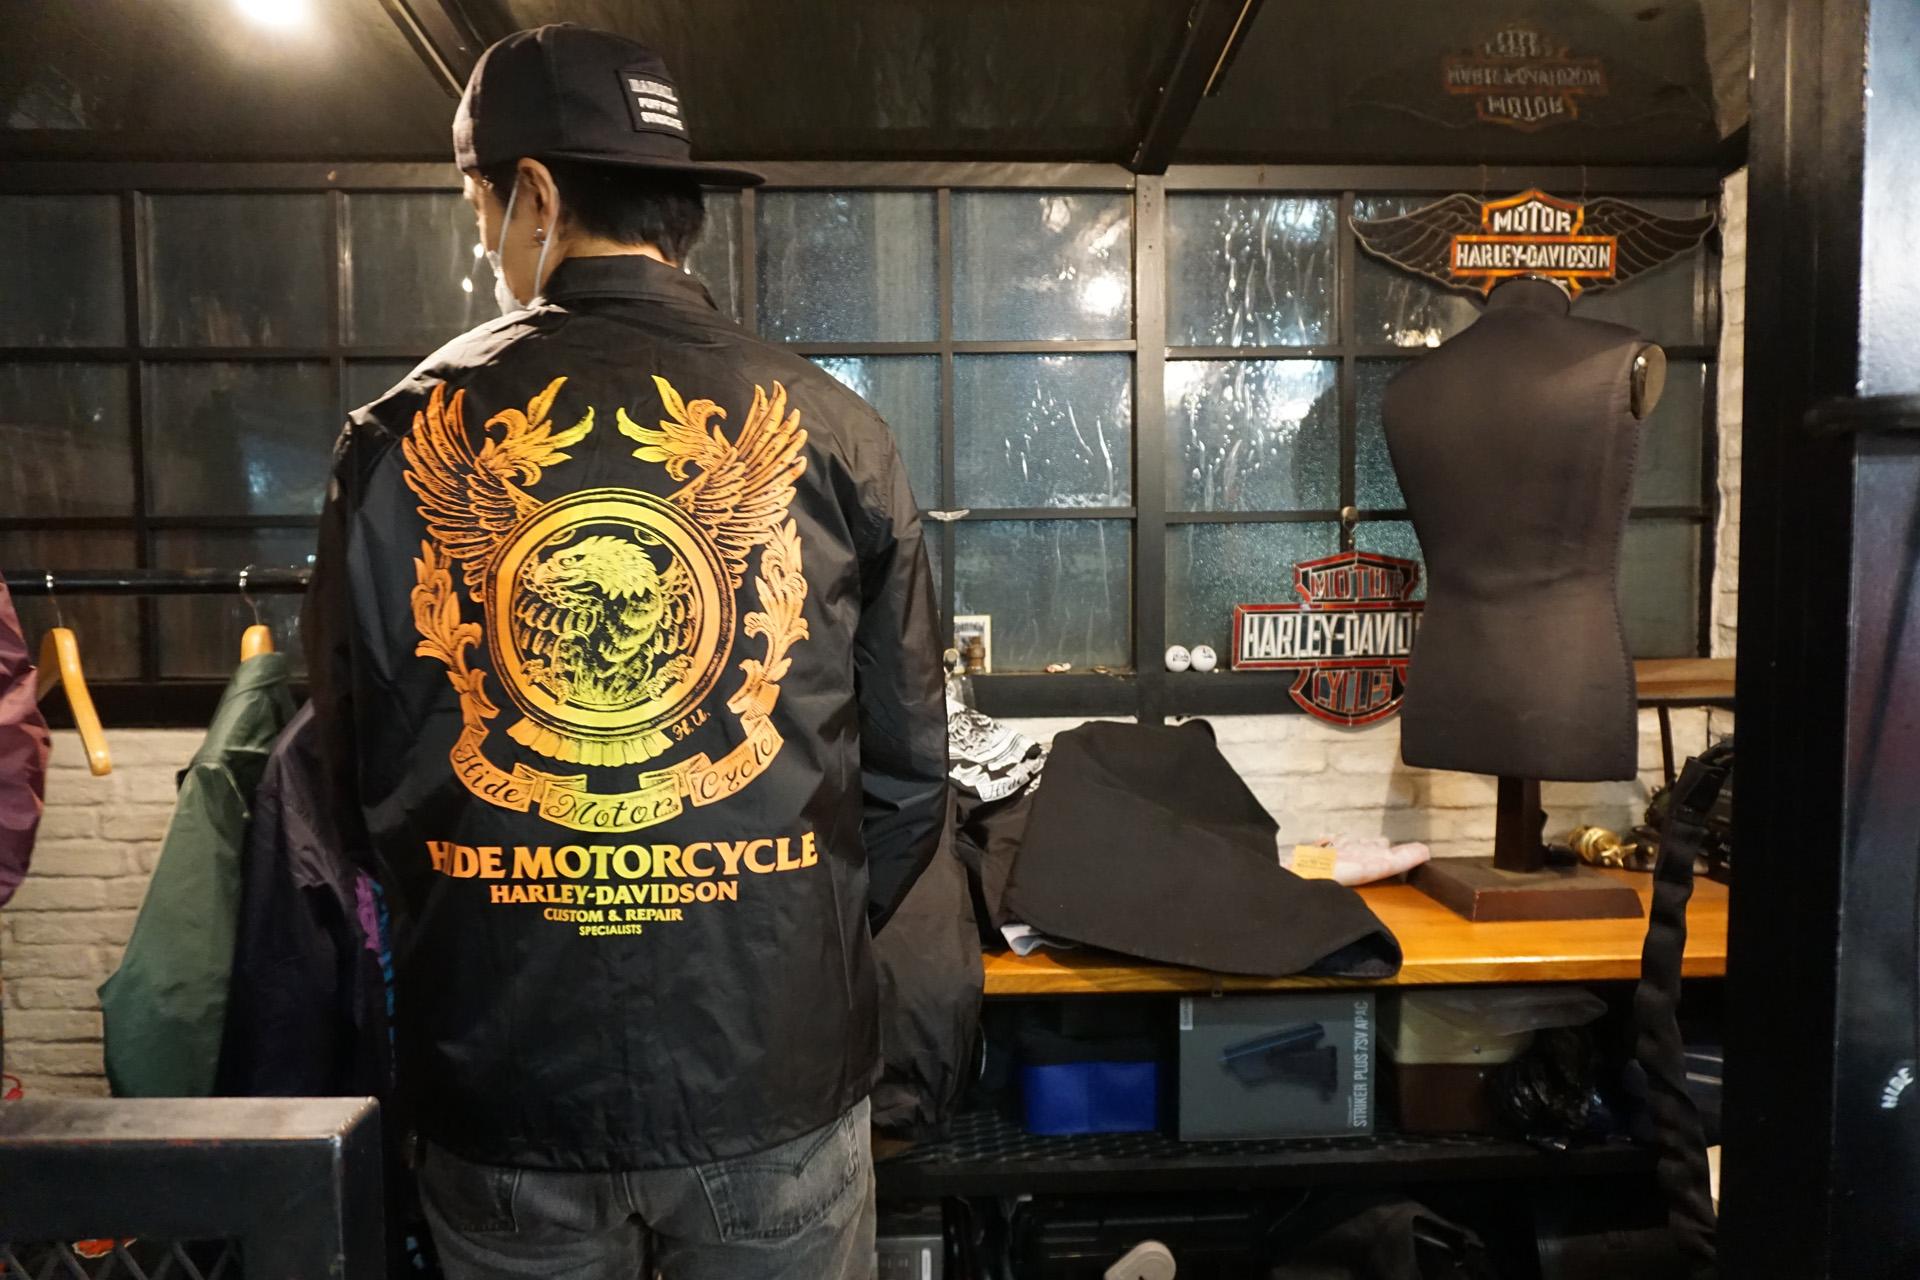 ニュートラル ヒデモーターサイクル コーチジャケット 10周年 neutral hidemortorcycle coachjacket 10th